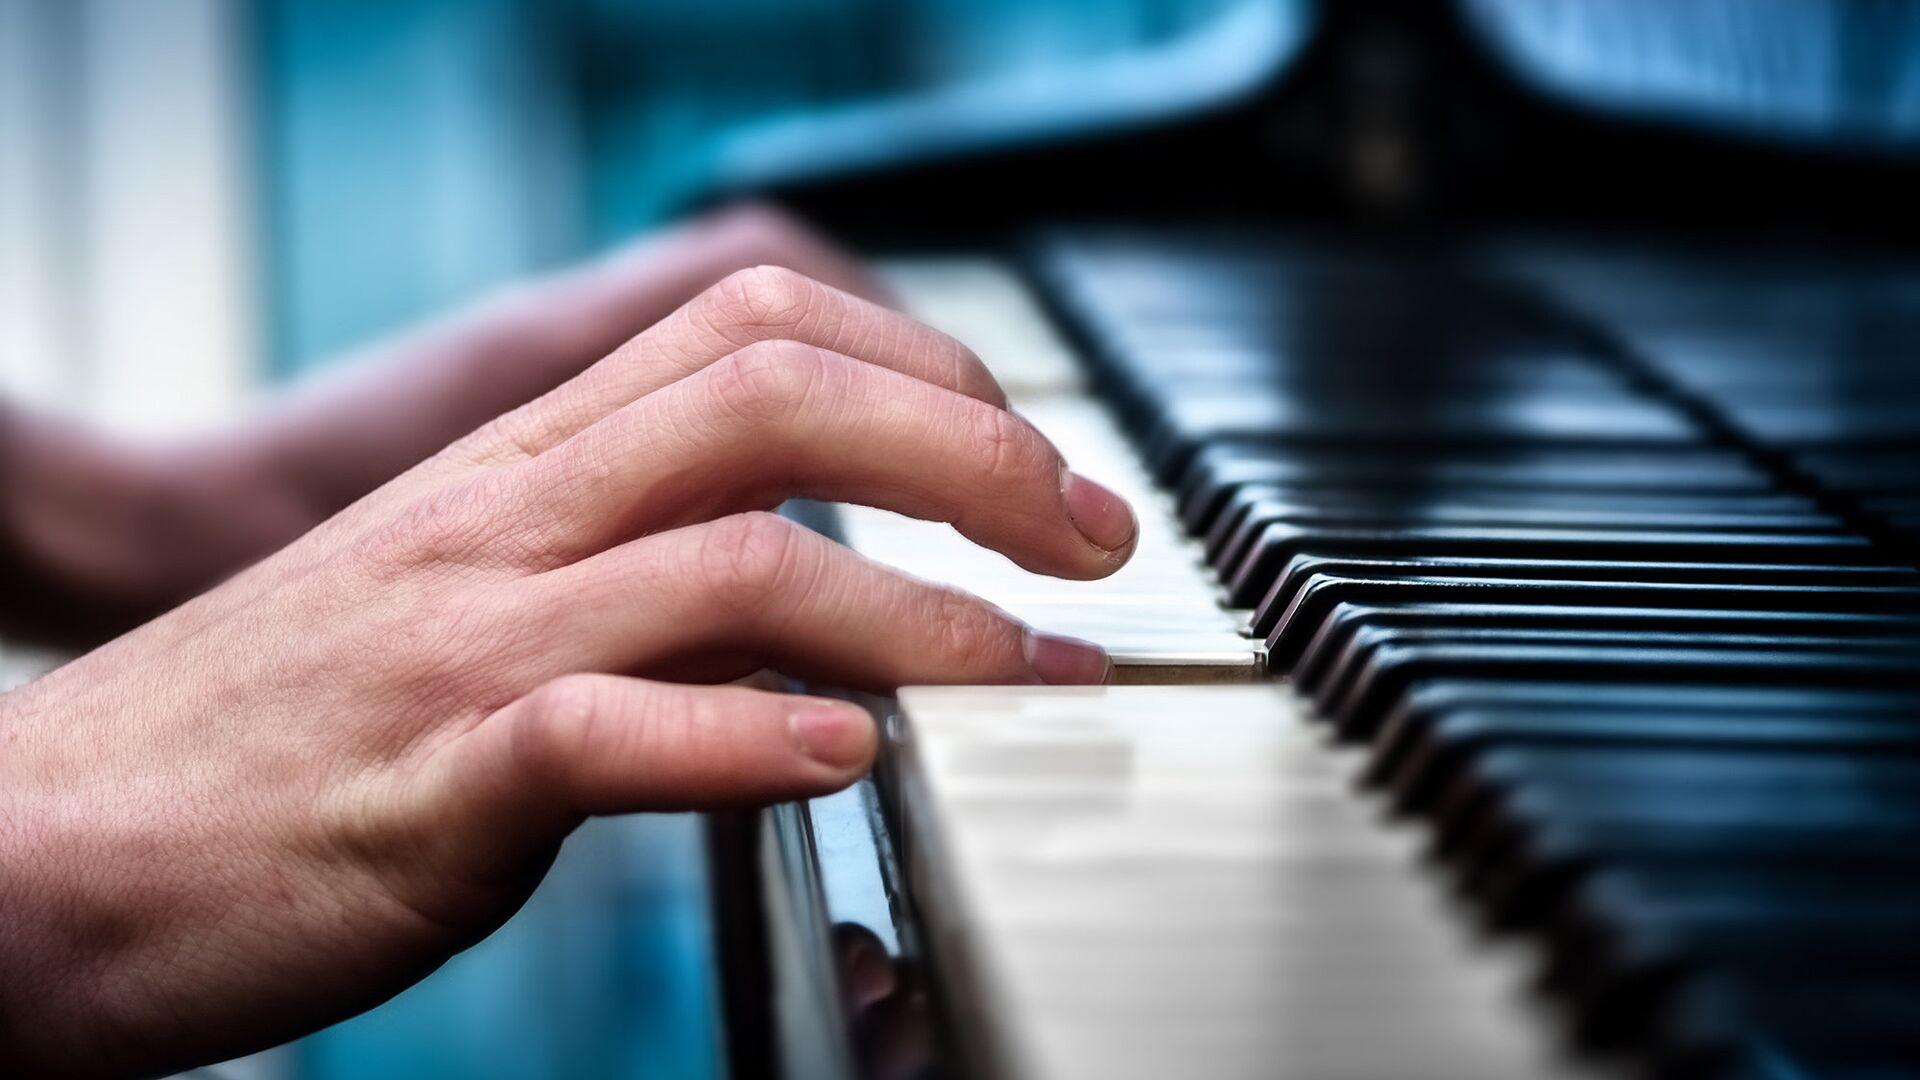 1448759259 0:103:2000:1228 1920x0 80 0 0 47b477fdf04a7018e5c8a38c8cd4232d - Сотрудника консерватории обвинили в убийстве пианиста